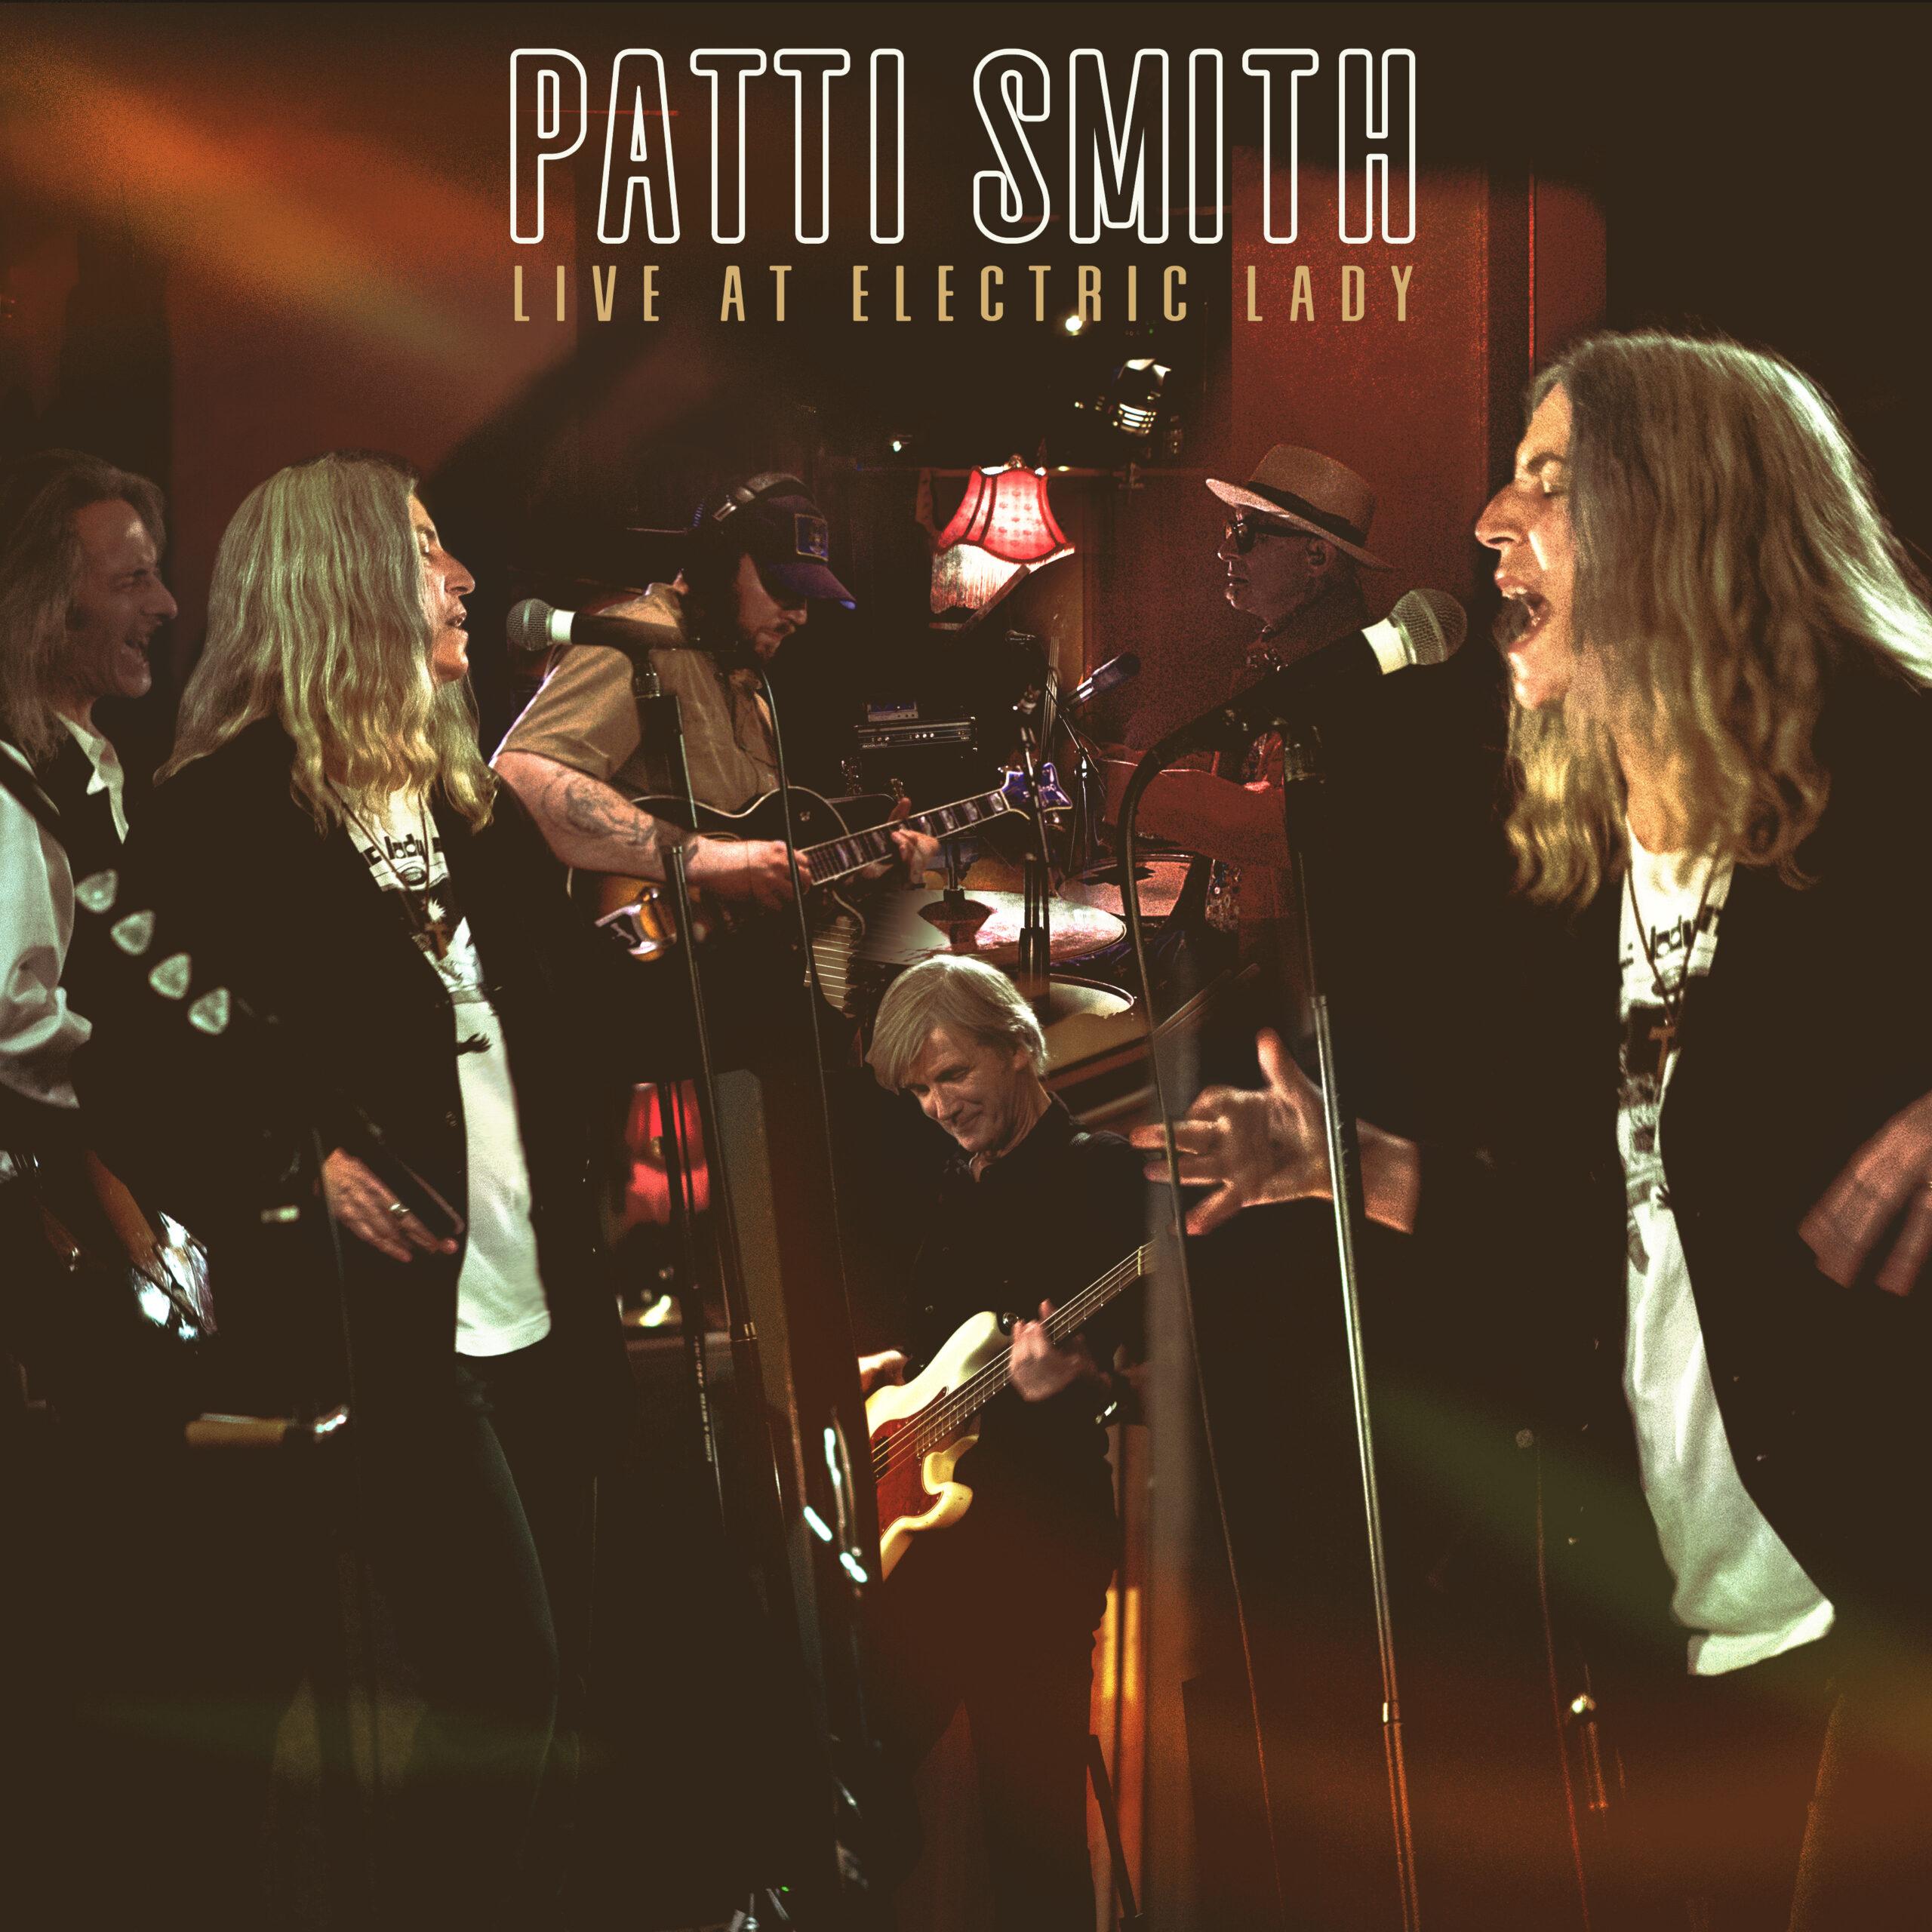 Patti-Smith-Final-alt-5-1629917485